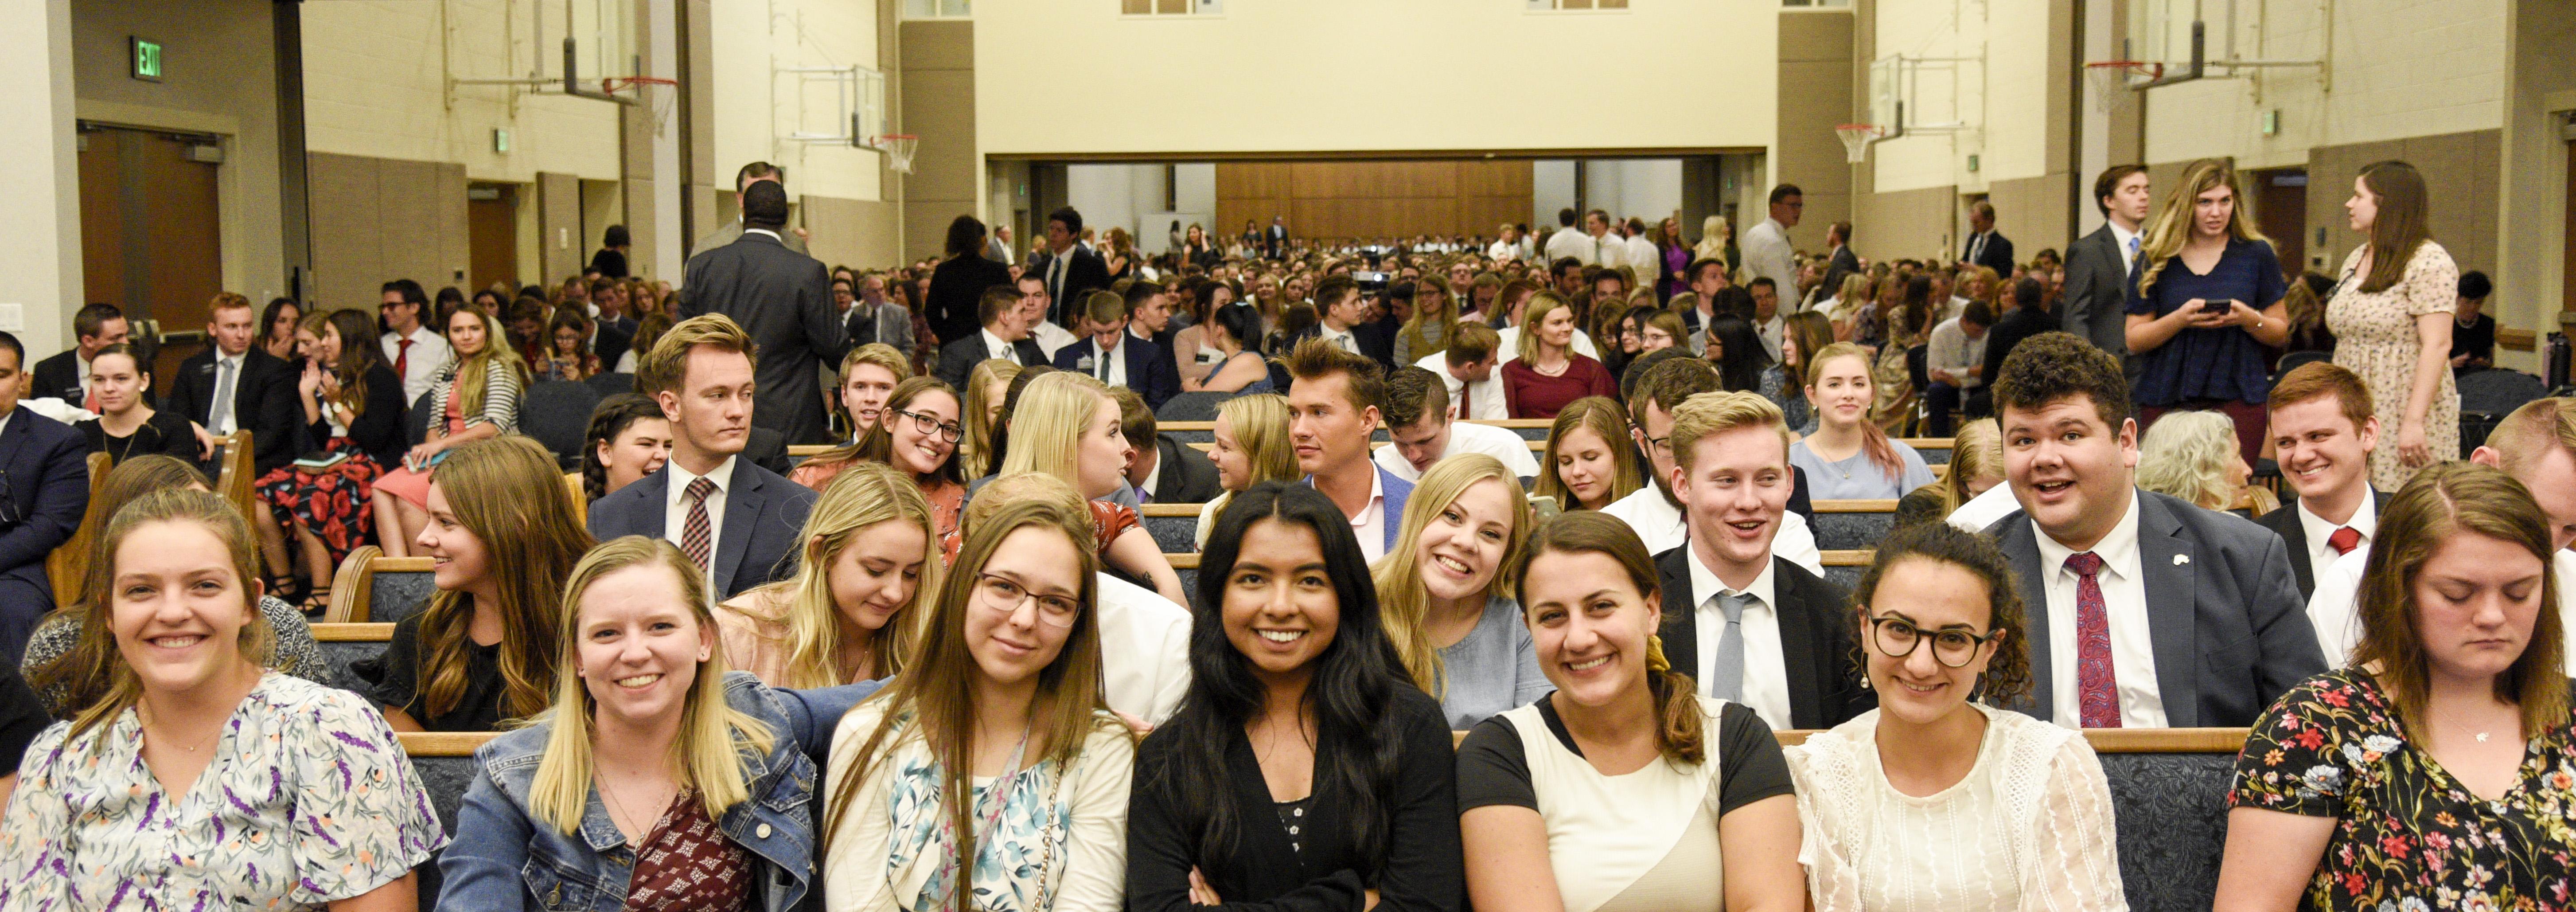 Jovens adultos reúnem-se para devocional com élder Ronald A. Rasband no Instituto de Religião em Tempe Arizona no dia 20 de outubro.